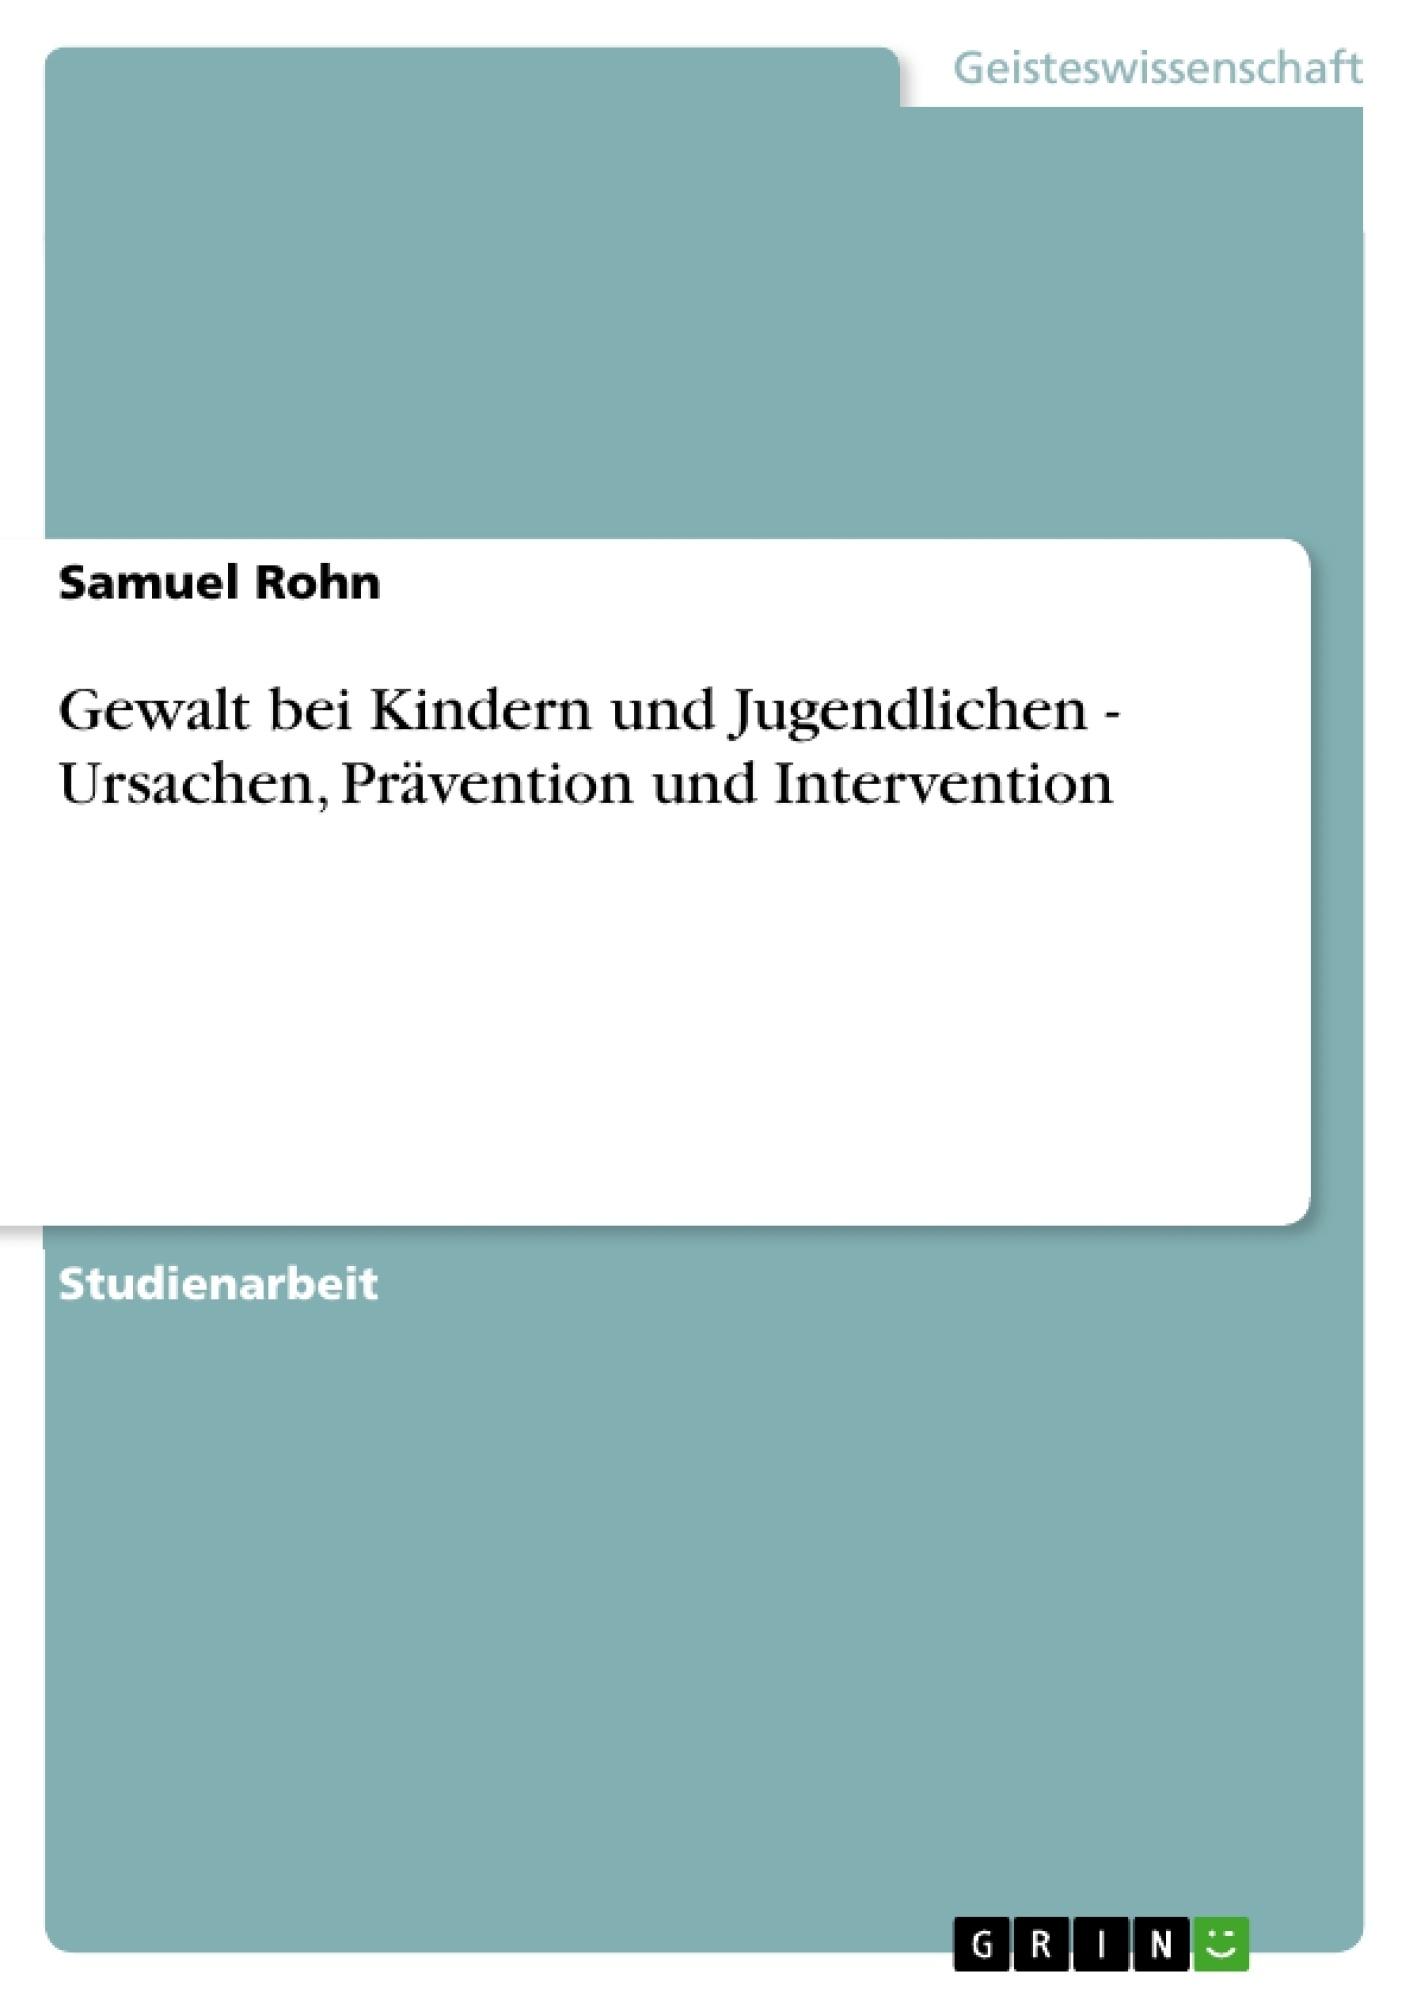 Titel: Gewalt bei Kindern und Jugendlichen - Ursachen, Prävention und Intervention